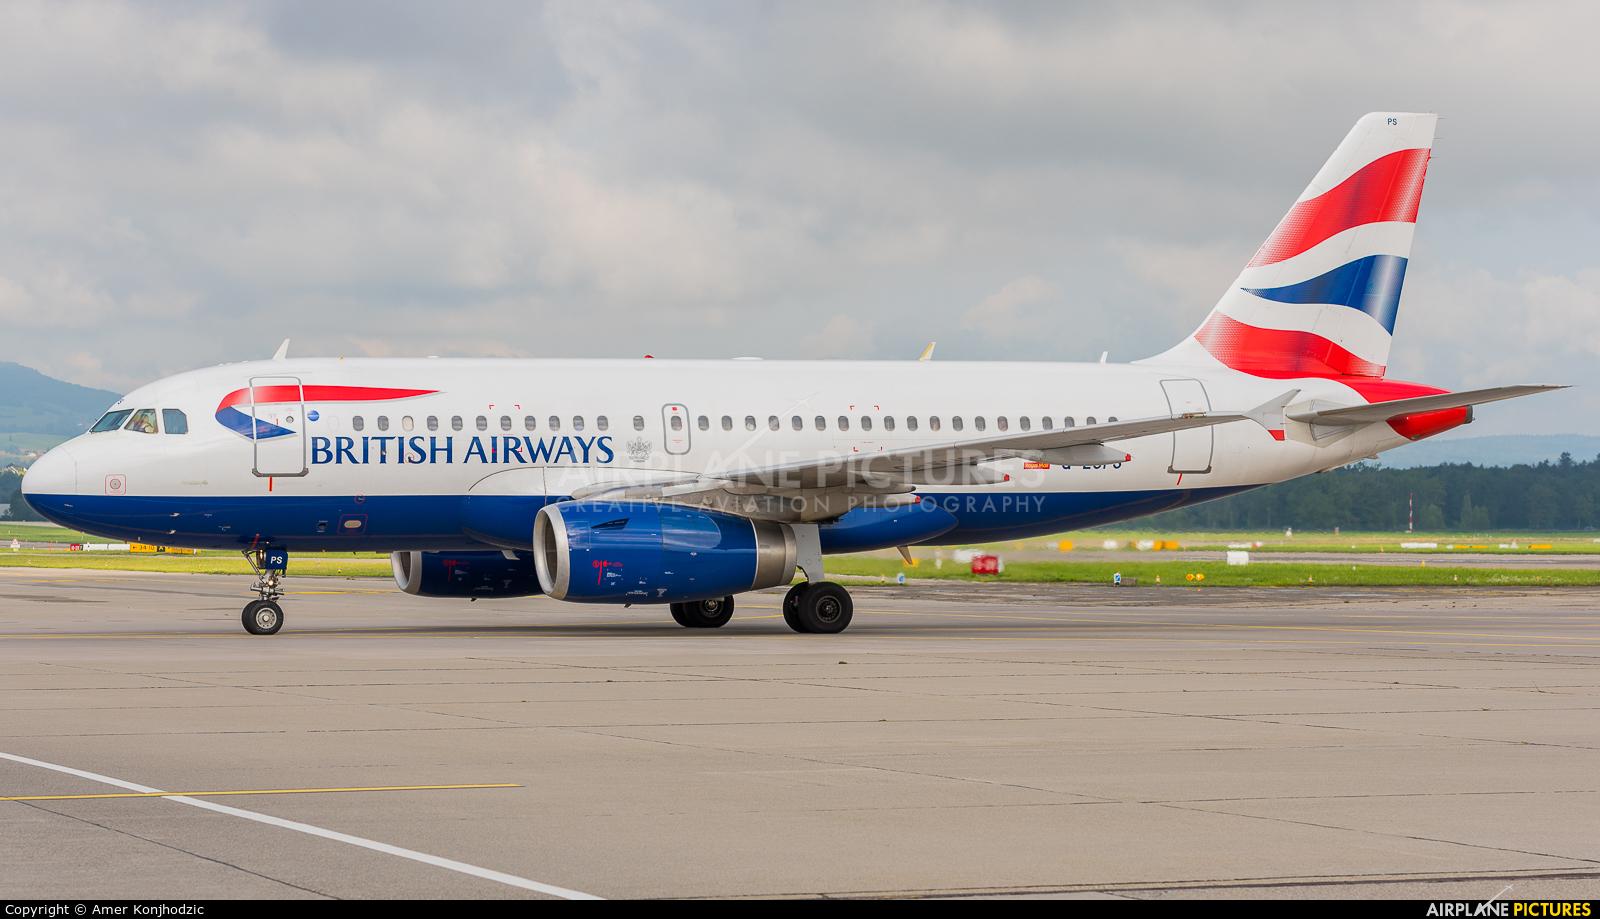 British Airways G-EUPS aircraft at Zurich